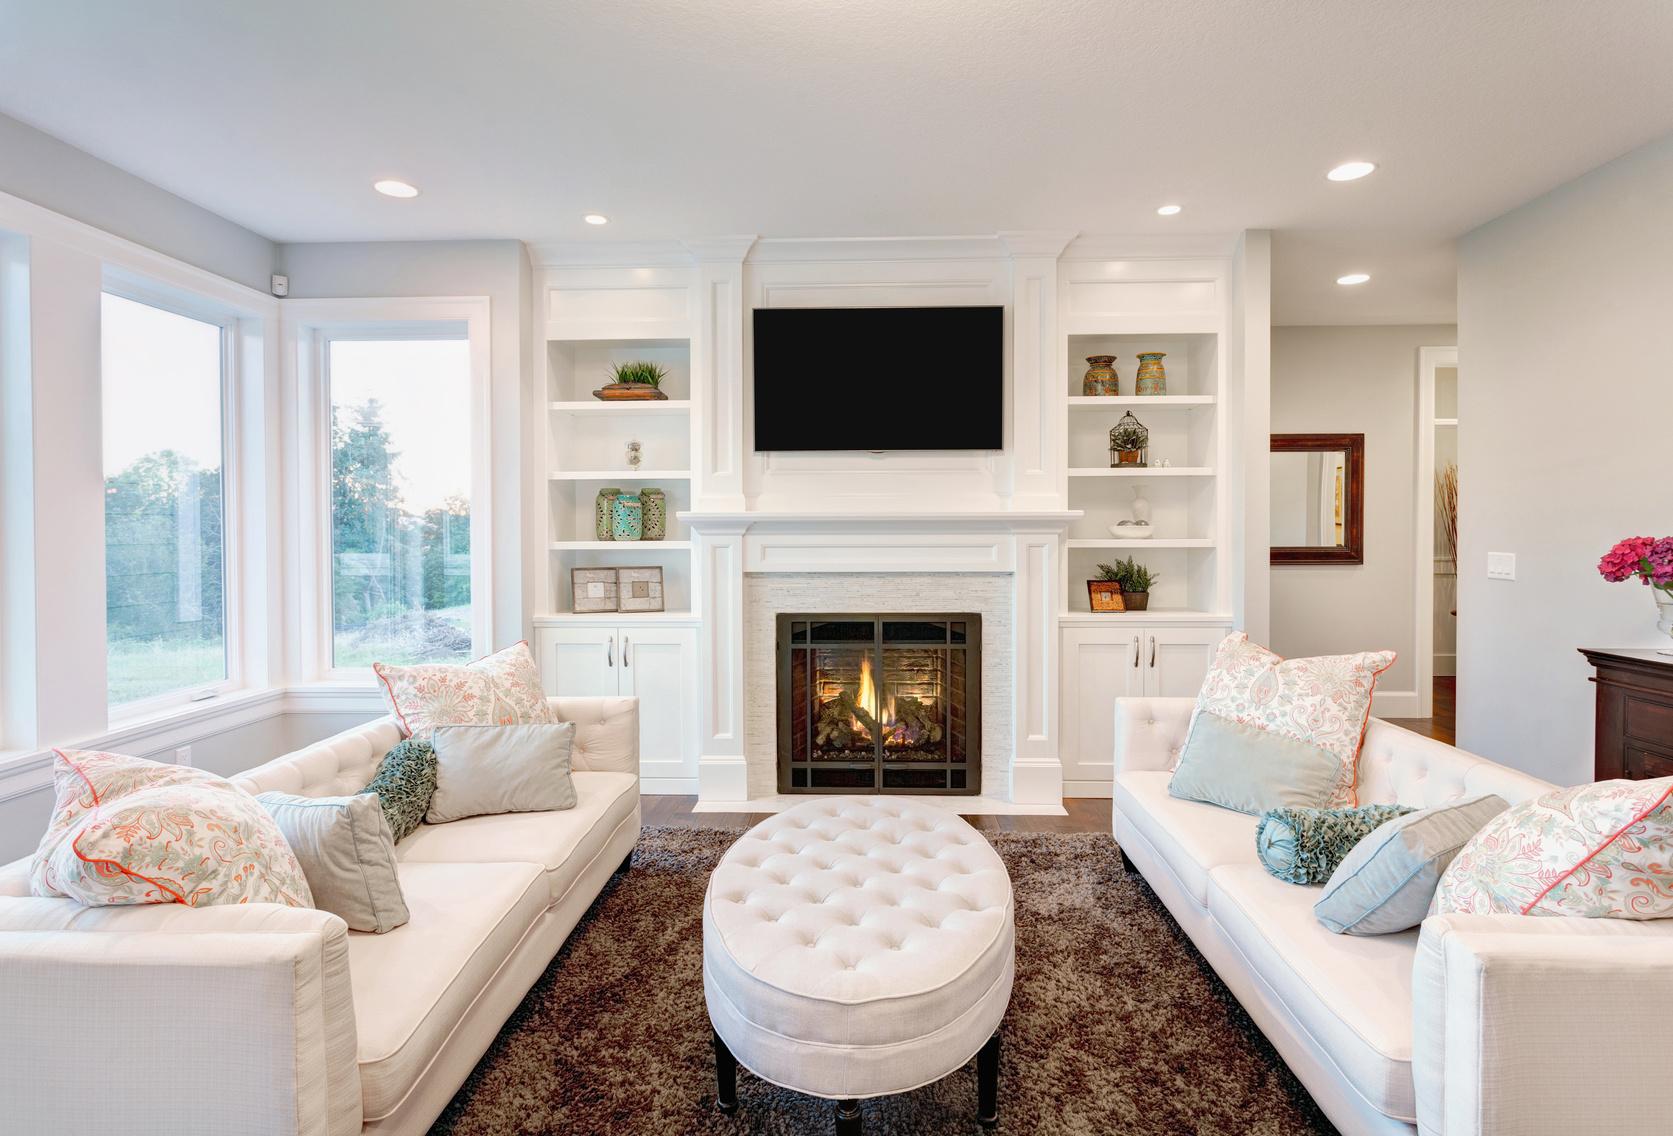 Consigli per rendere la casa lussuosa for Consigli per la casa